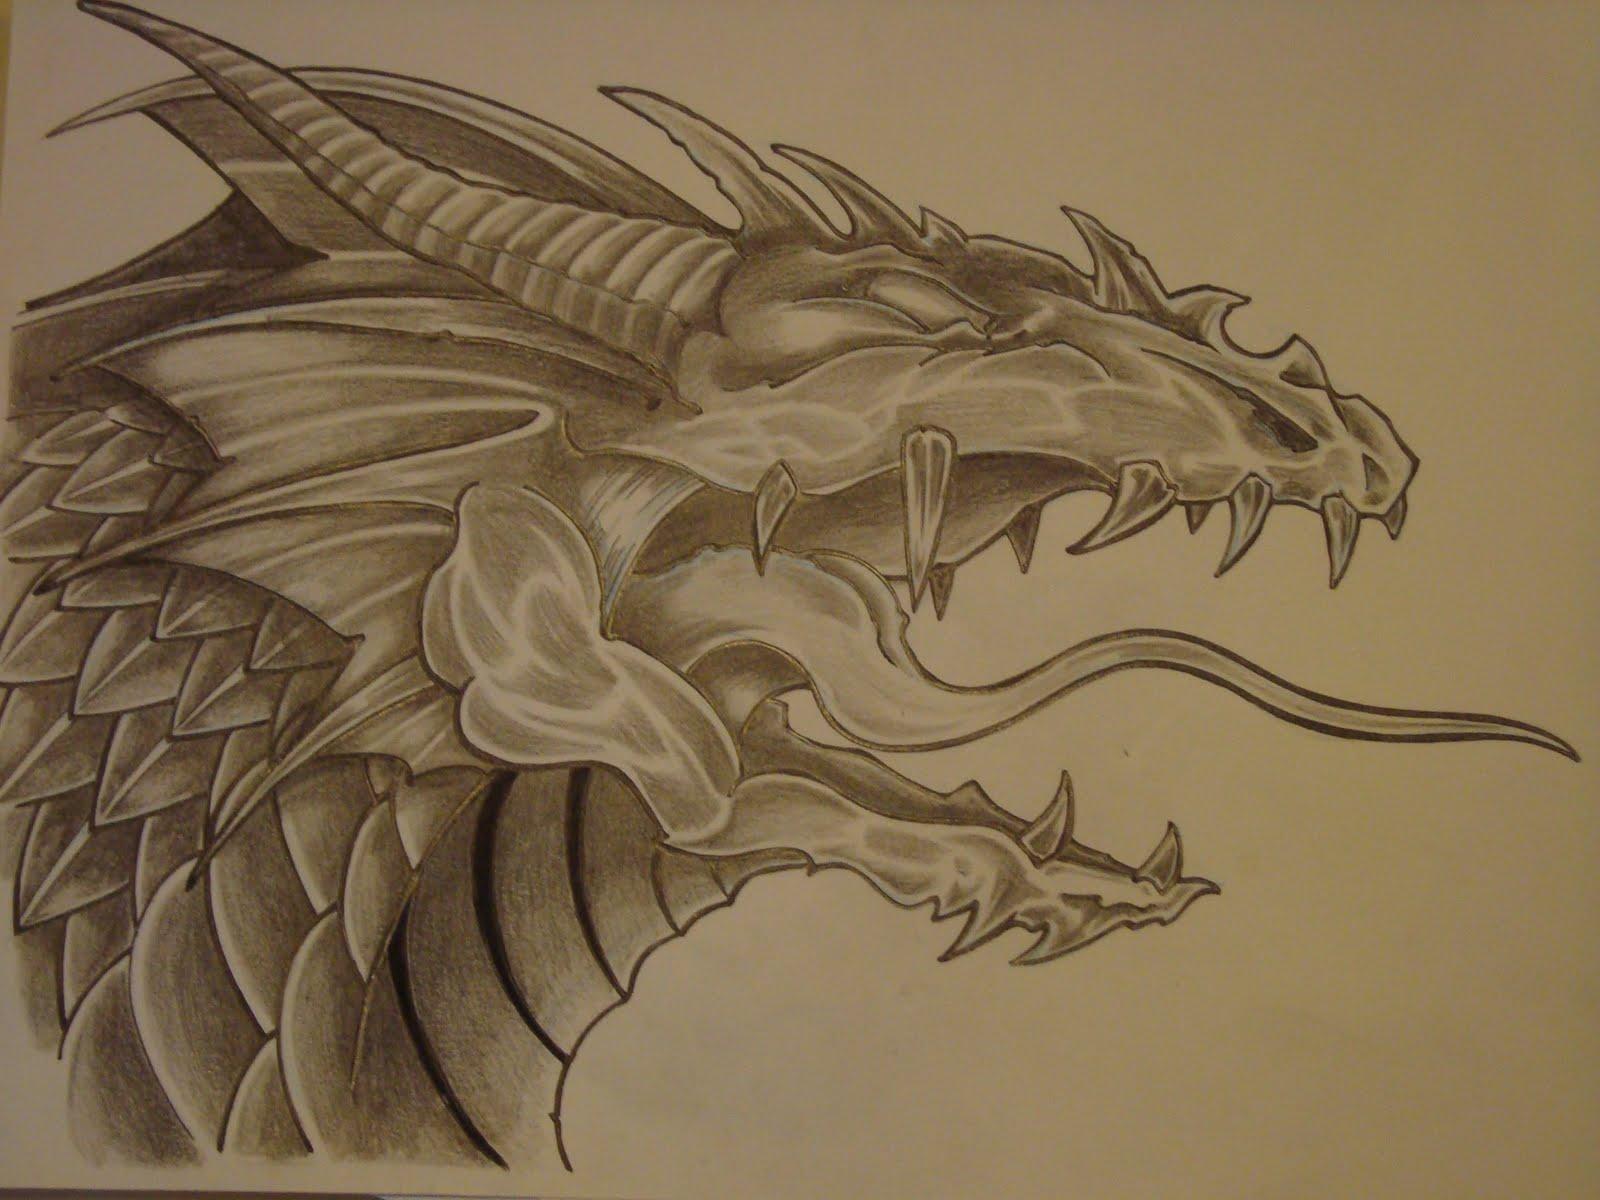 Cabezas De Dragones Para Tatuar mg tatuajes: 2011